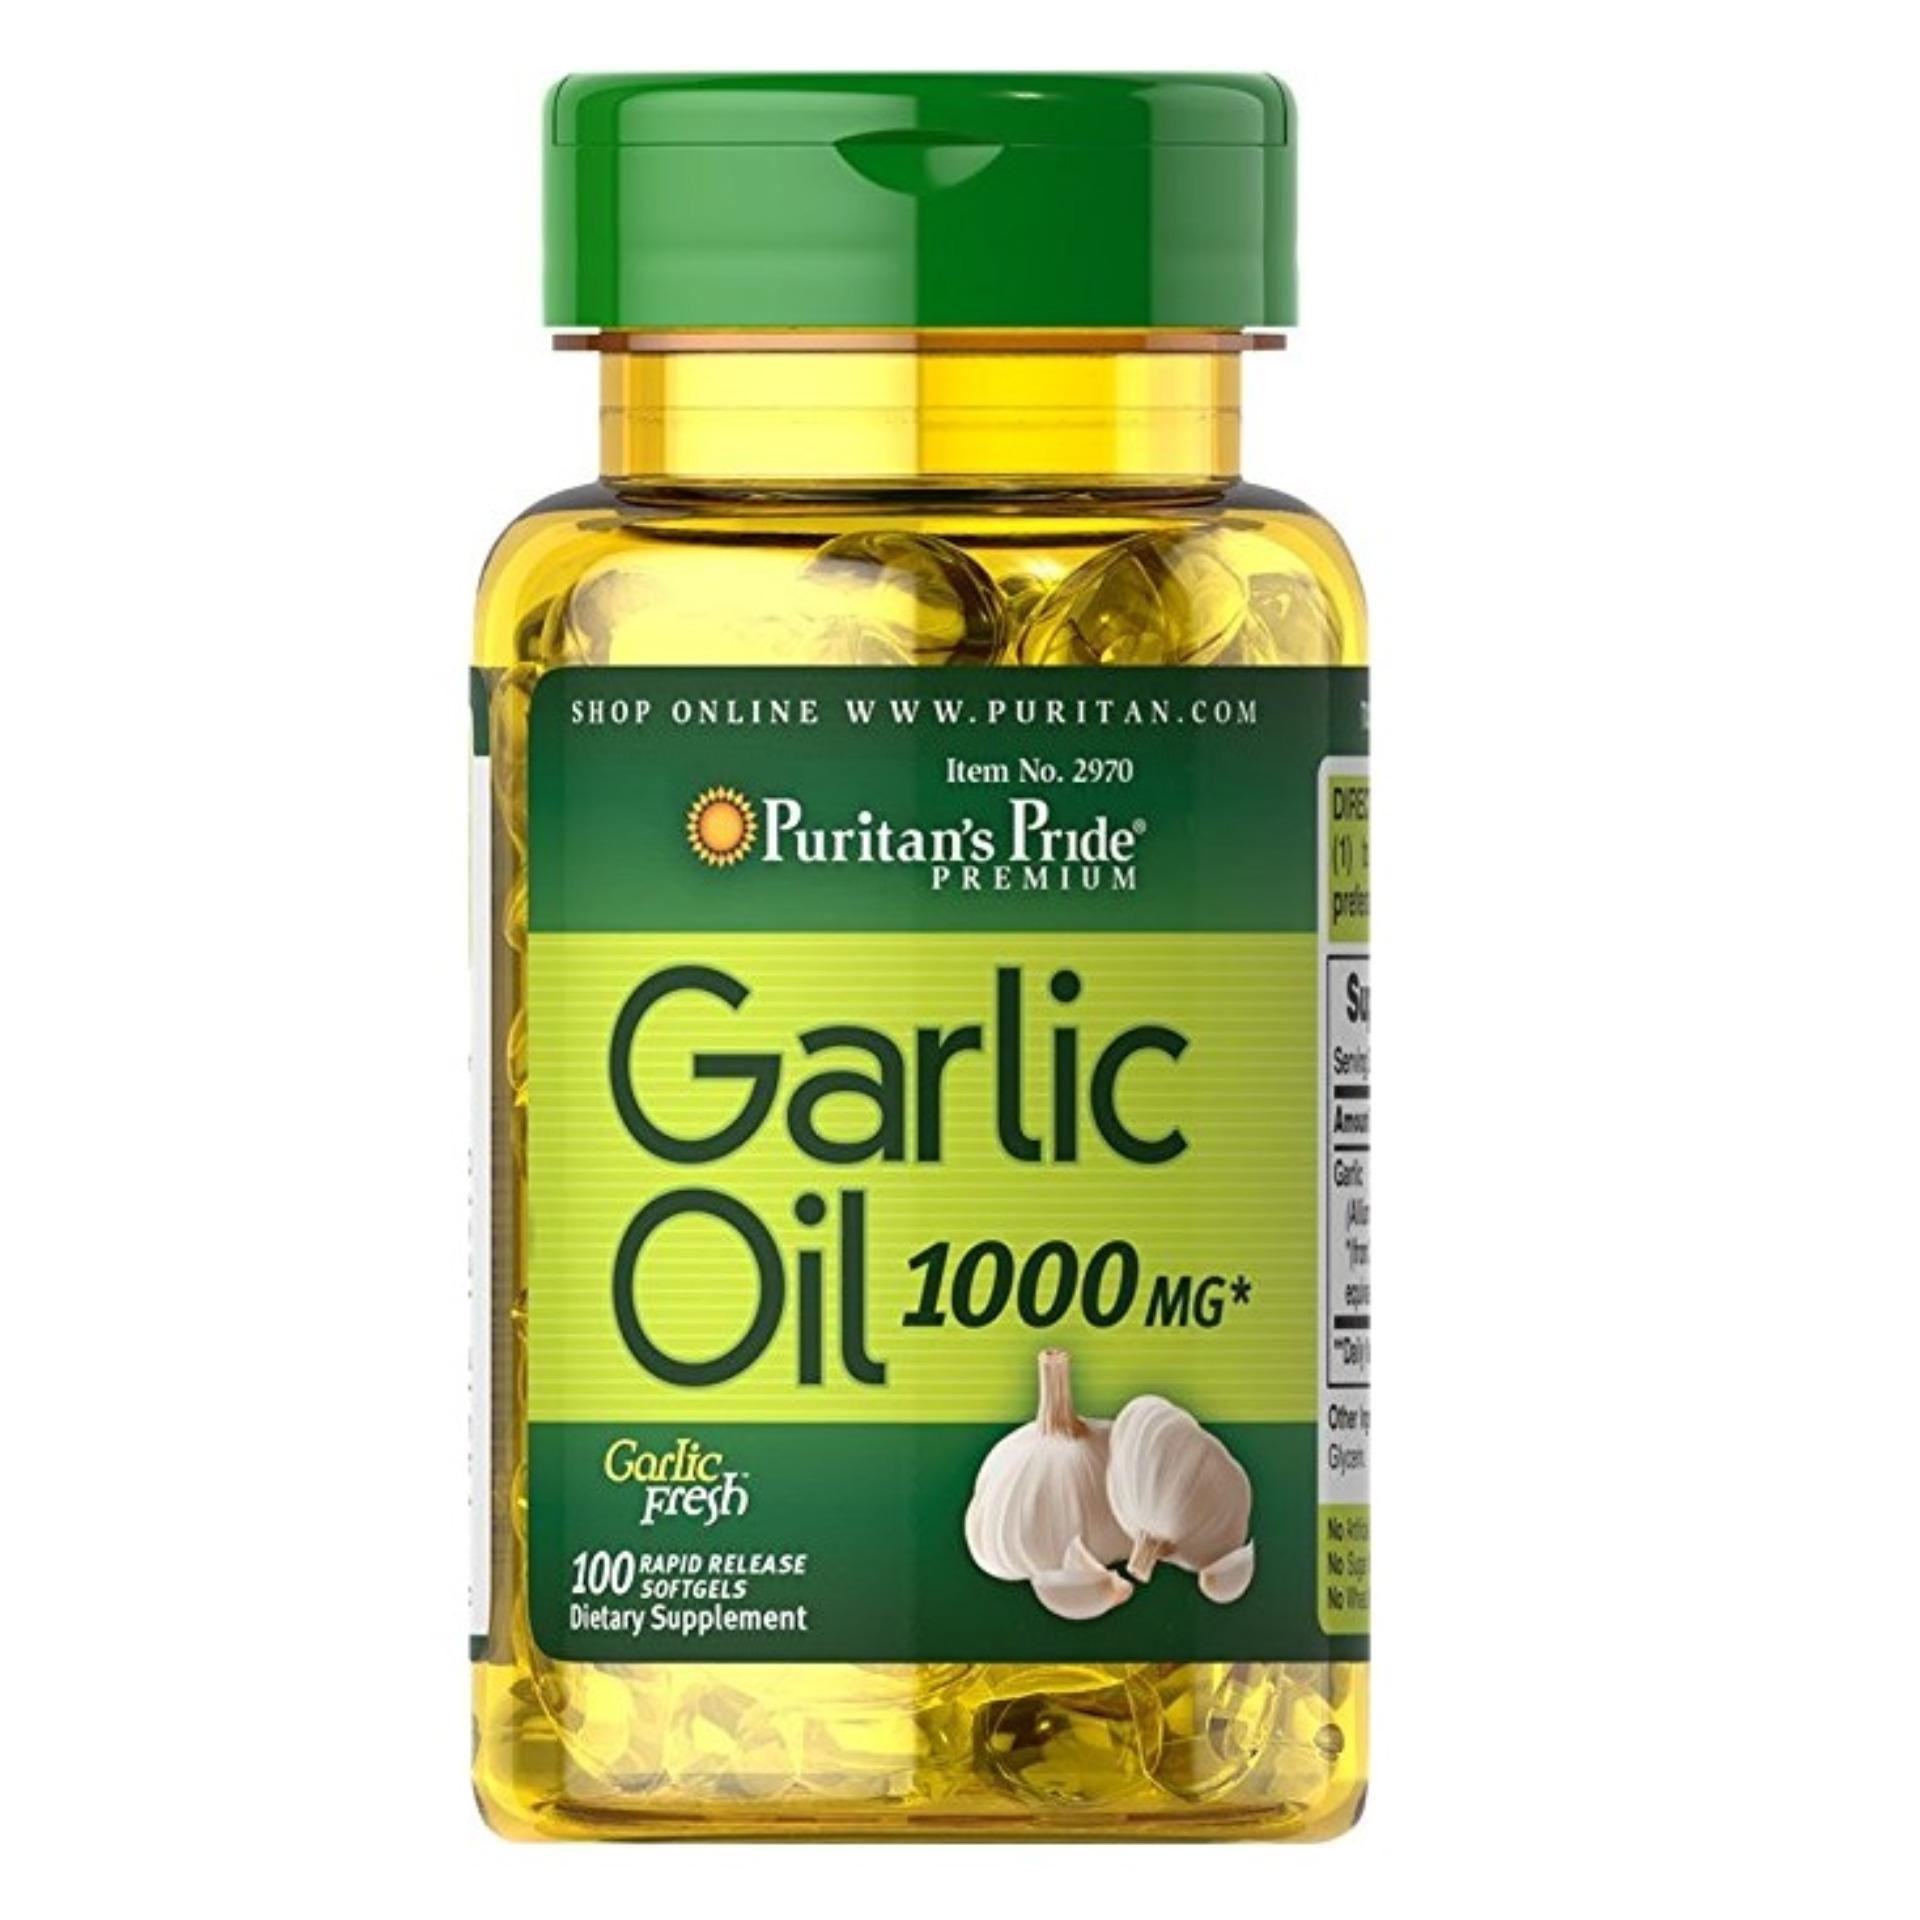 Tpcn hỗ trợ tim mạch, hệ tiêu hóa tinh chất tỏi puritan's pride garlic oil 1000 mg hộp 100 viên